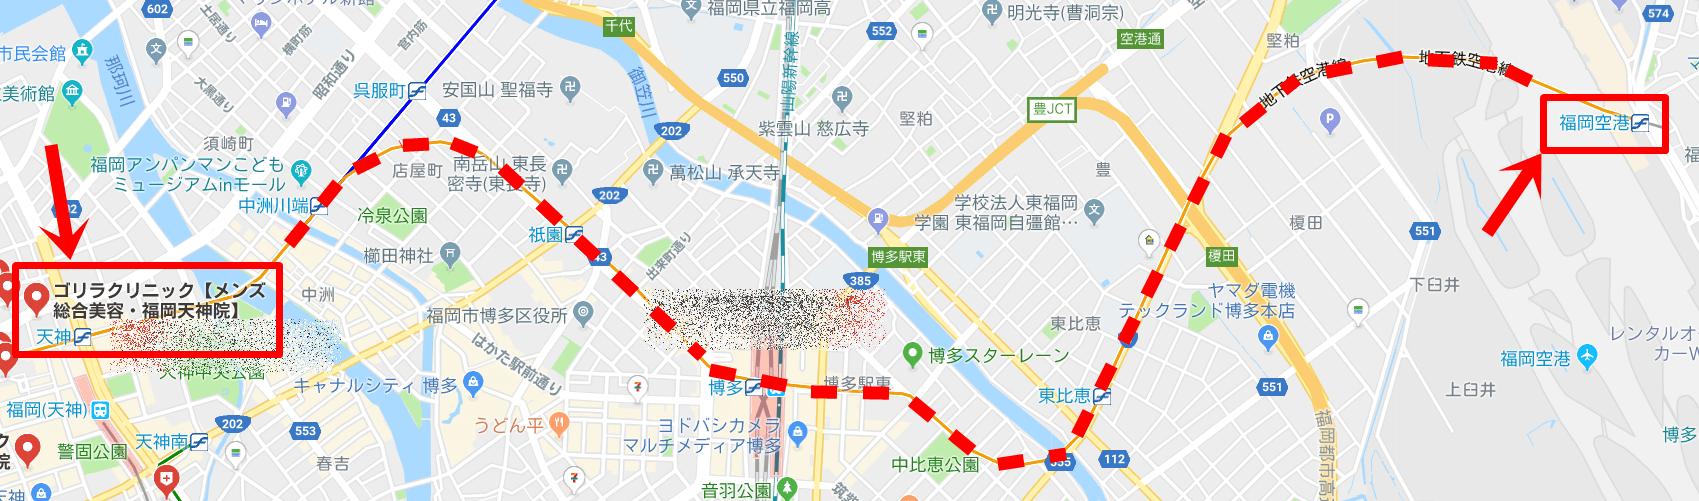 福岡空港とゴリラクリニック福岡天神院の間に赤い点線